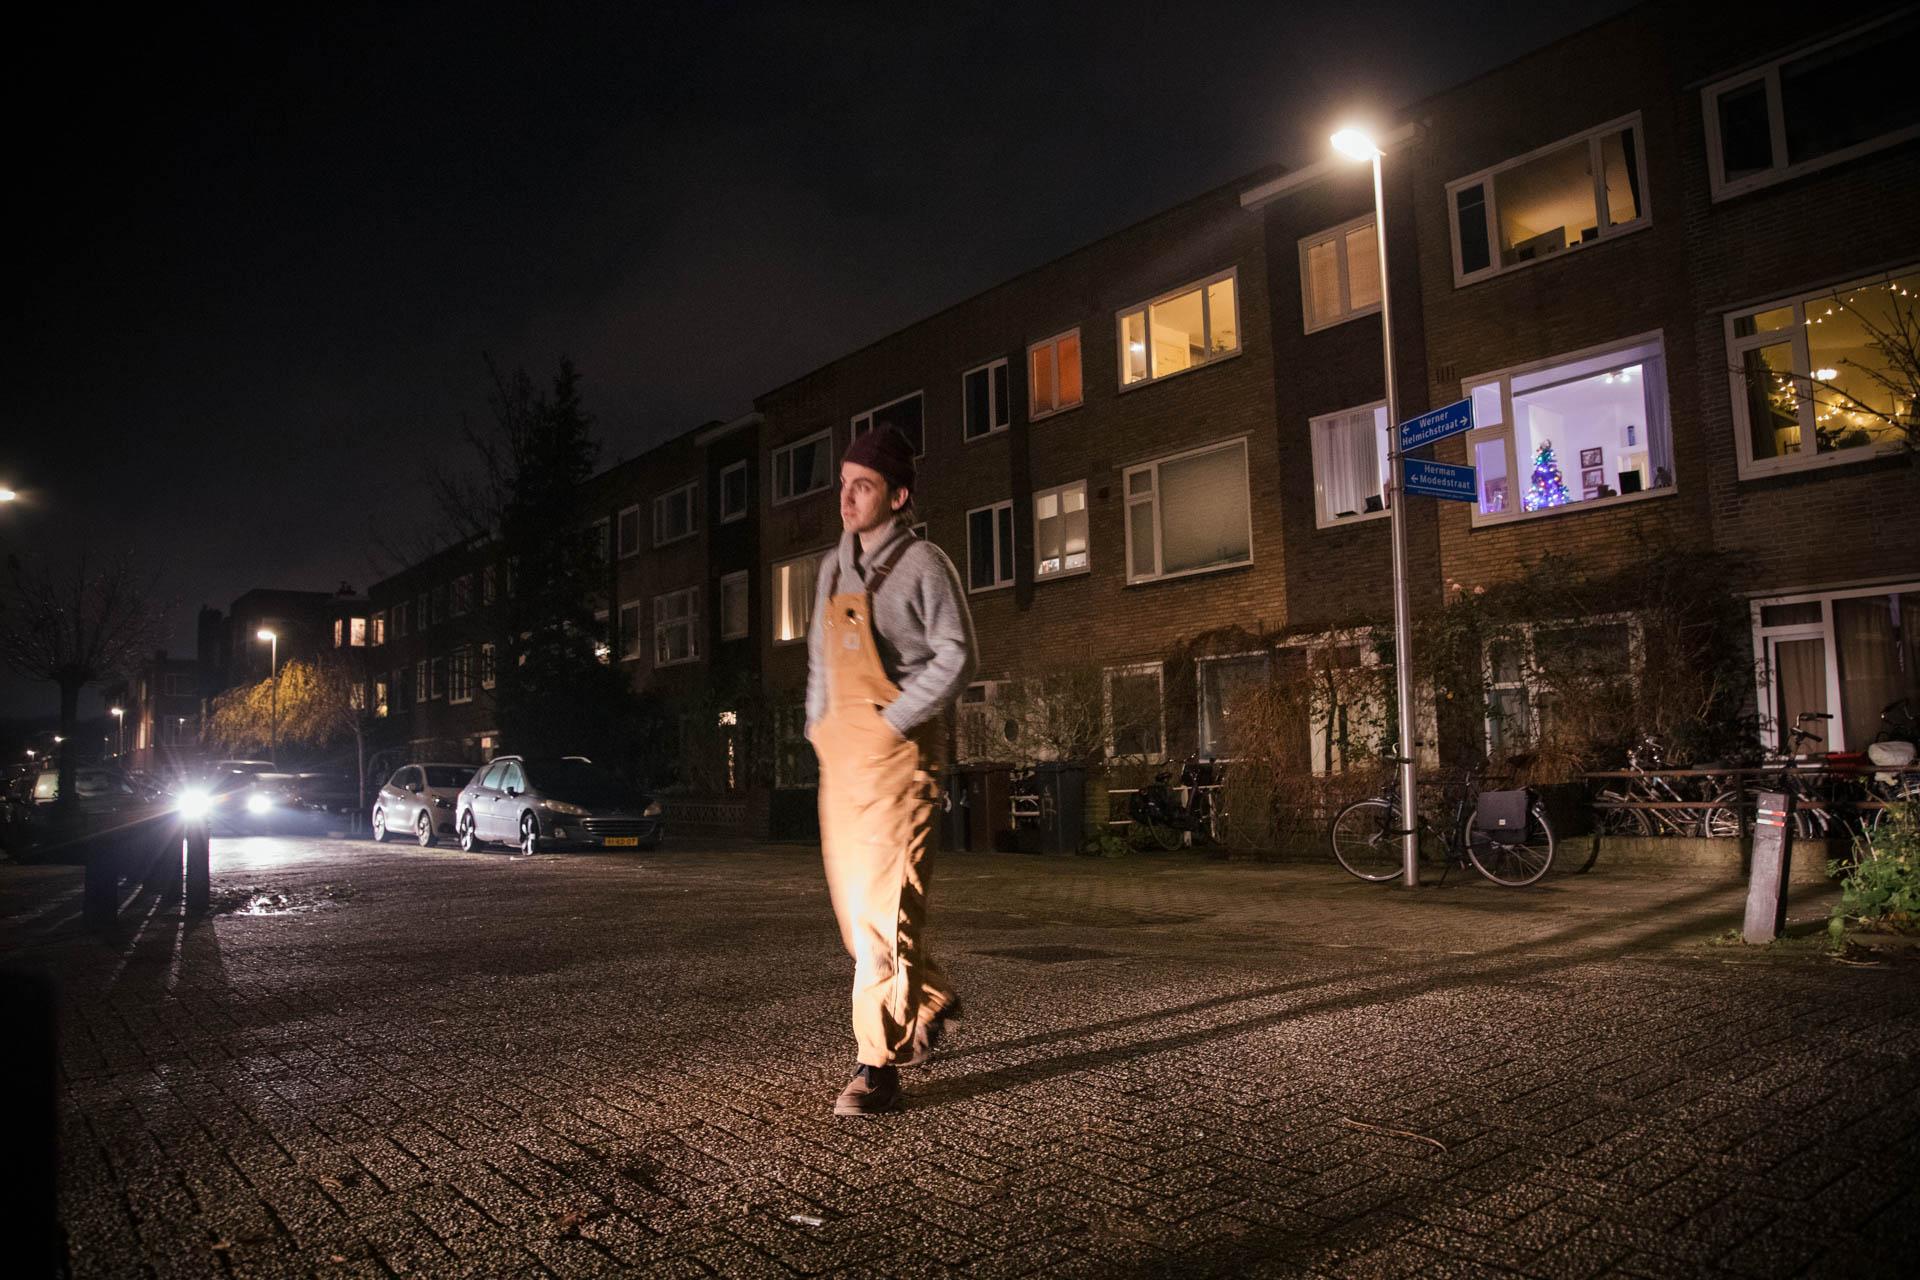 Andrew Combs (Matthijs van der Ven for The Influences)